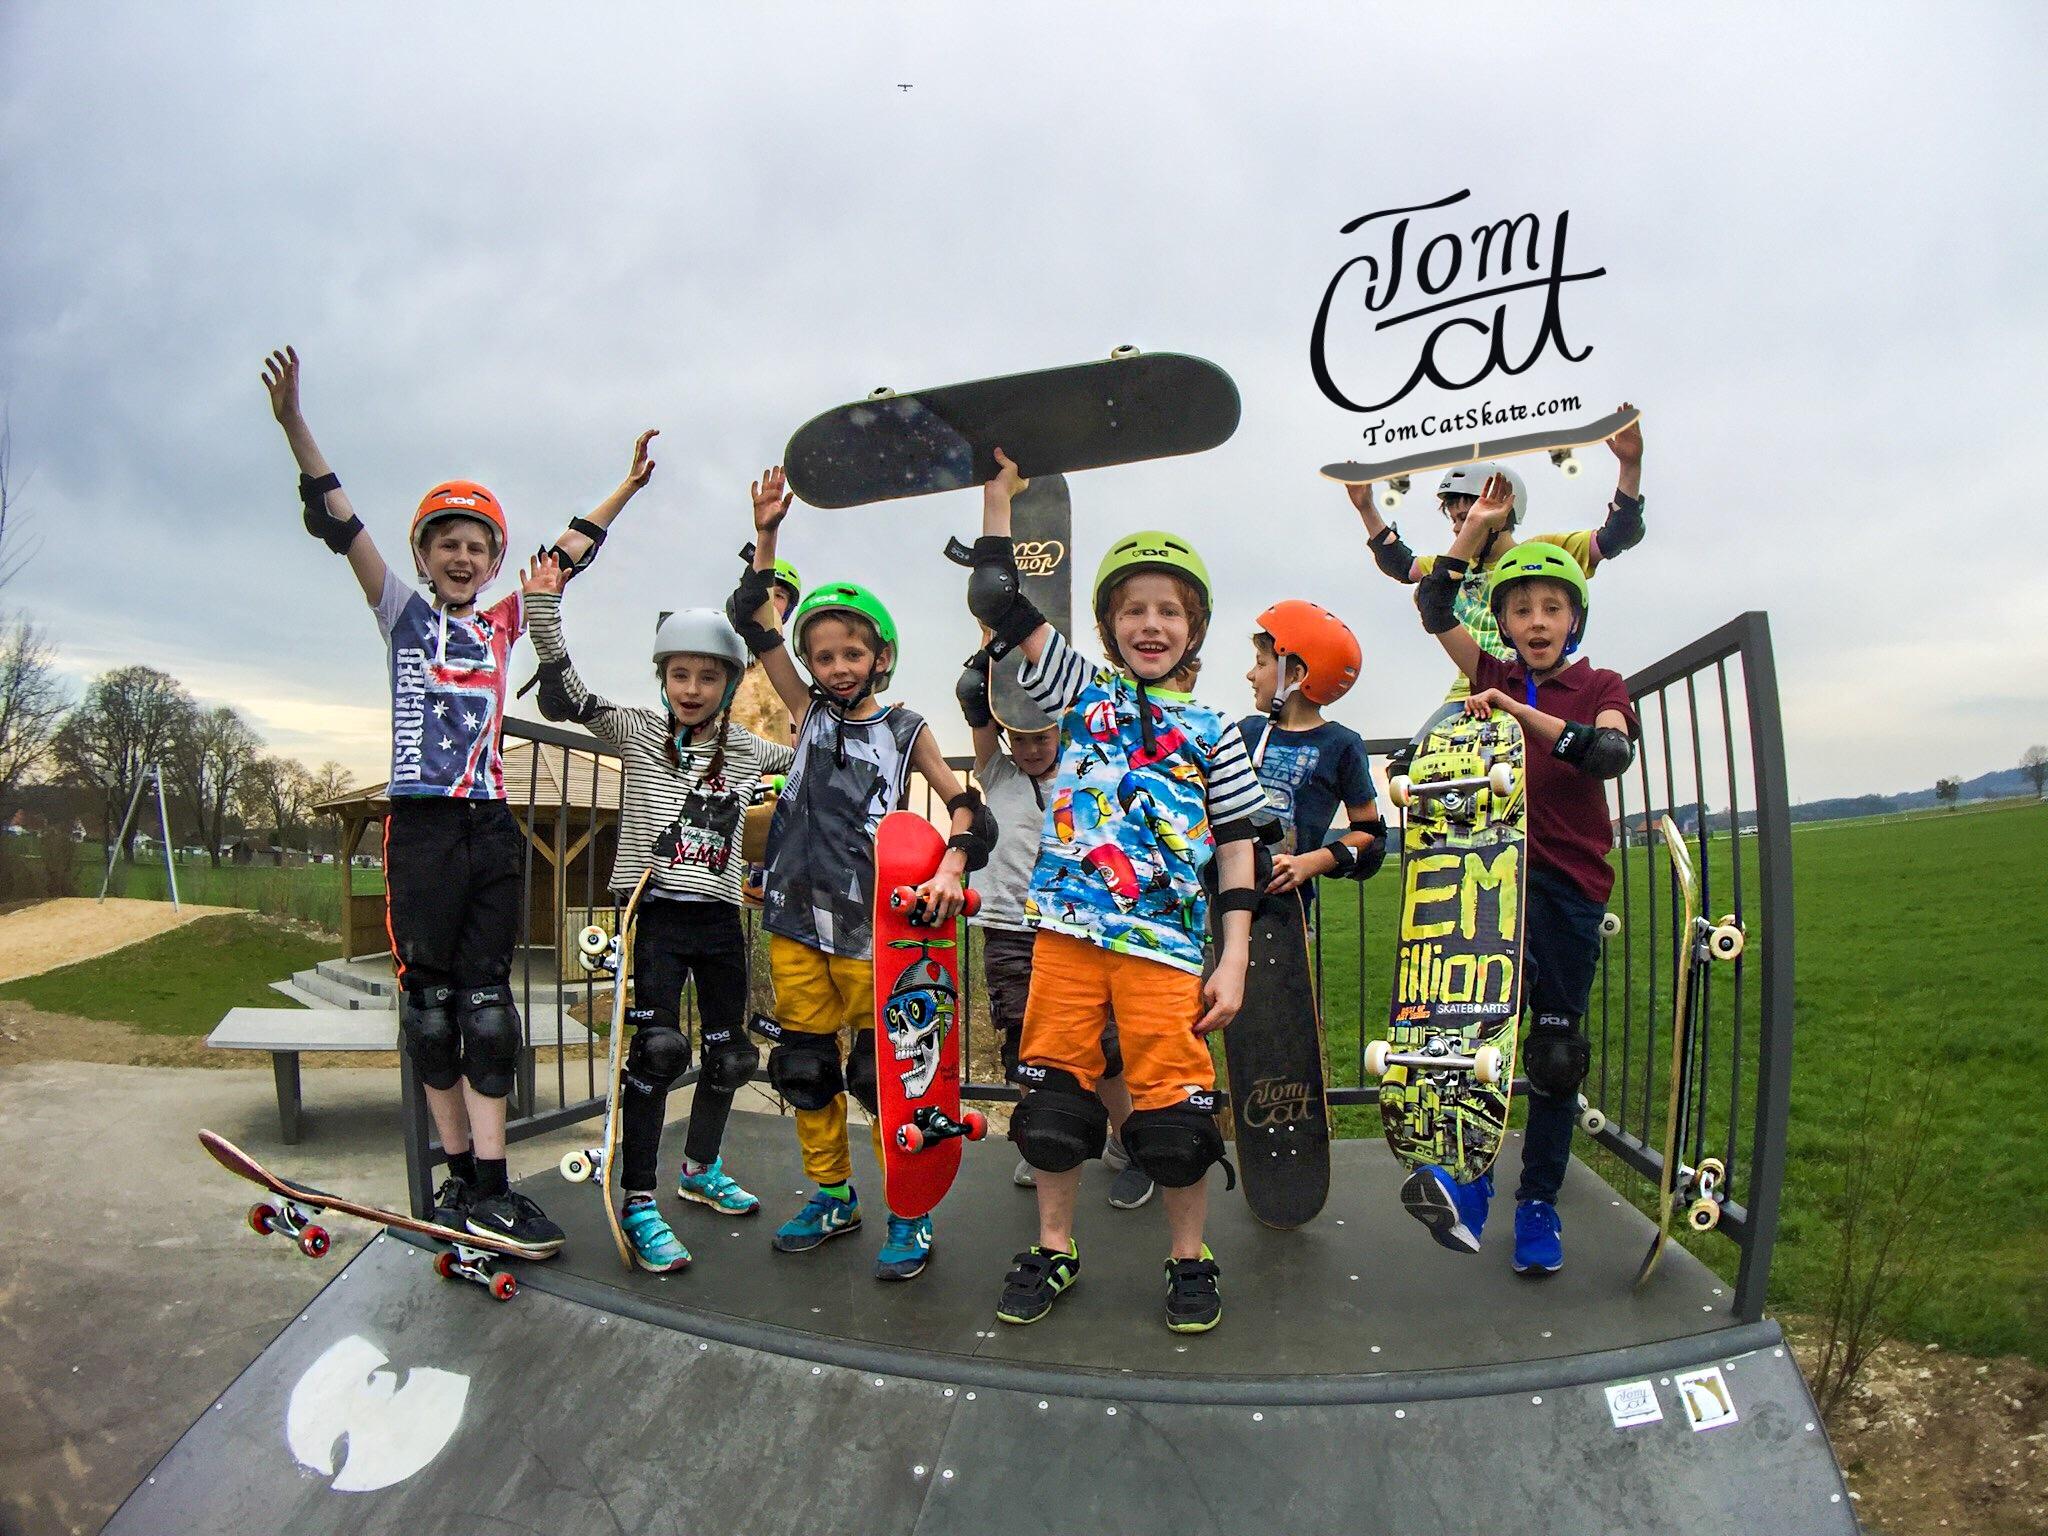 Skatekurs Geburtstag München Geburtstagsfeier Geburtstagsparty Skateboard Landsberg Erpfting Skatepark.JPG